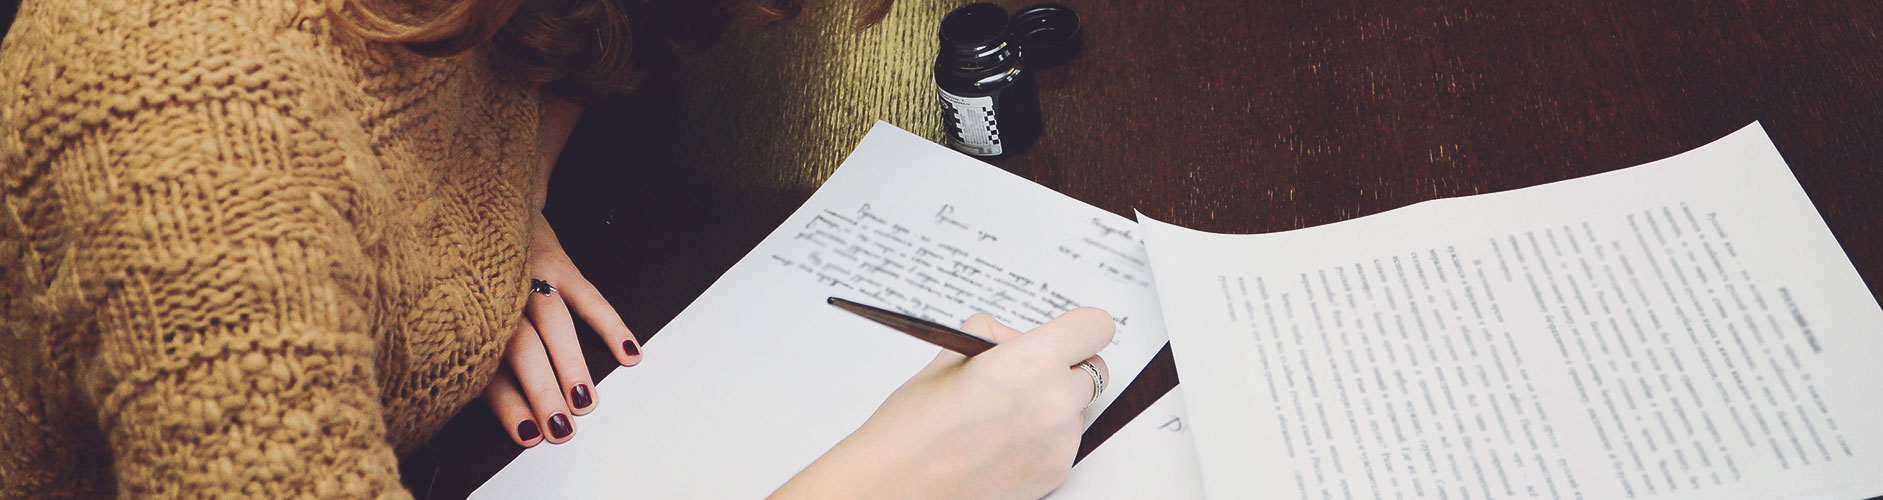 note-writing.jpg